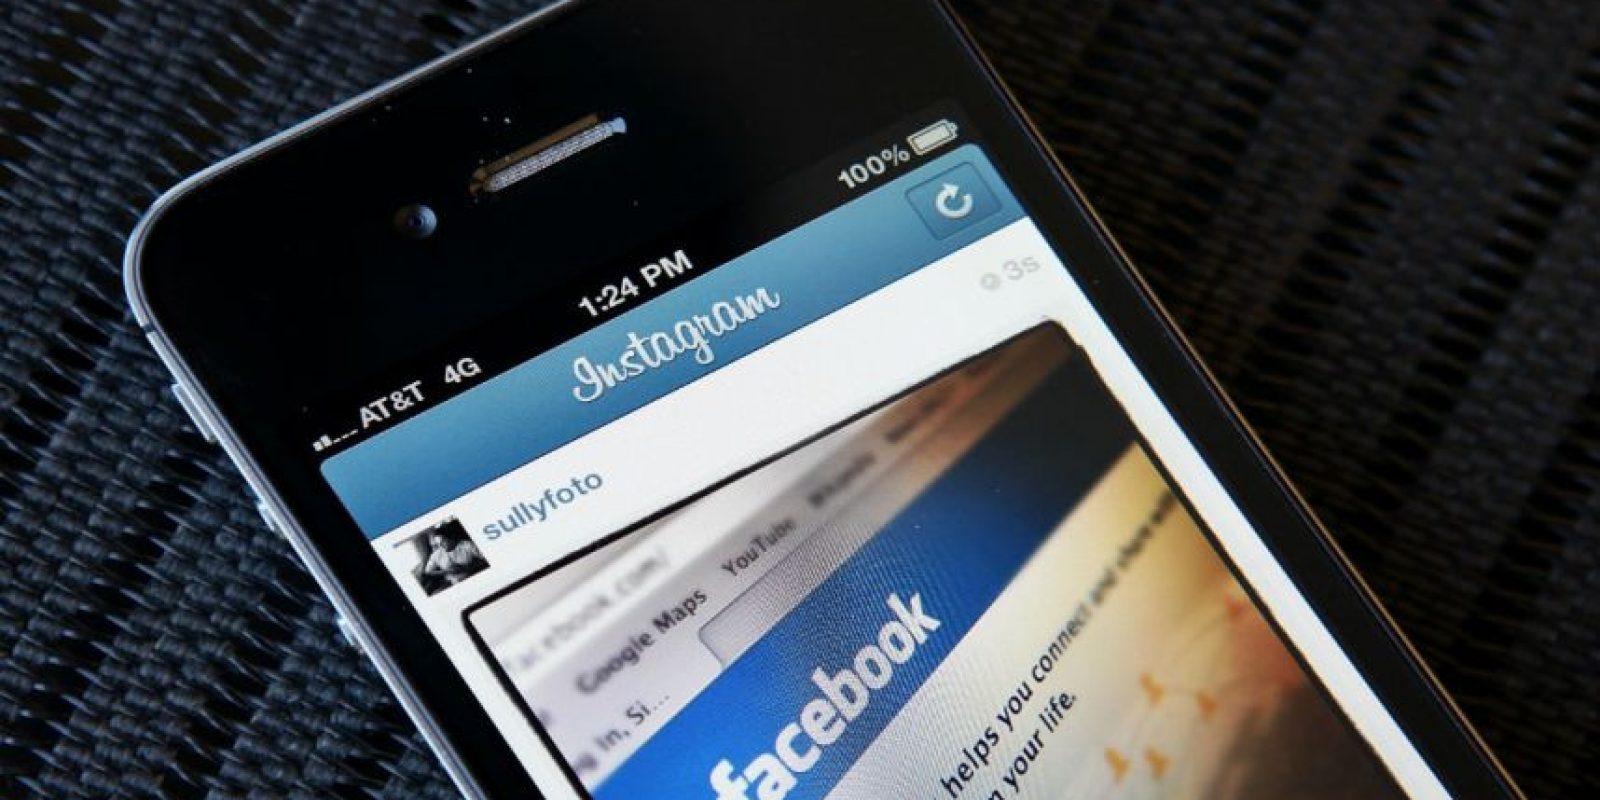 Transformen sus fotos con las decenas de filtros disponibles en la aplicación. Foto:Getty Images